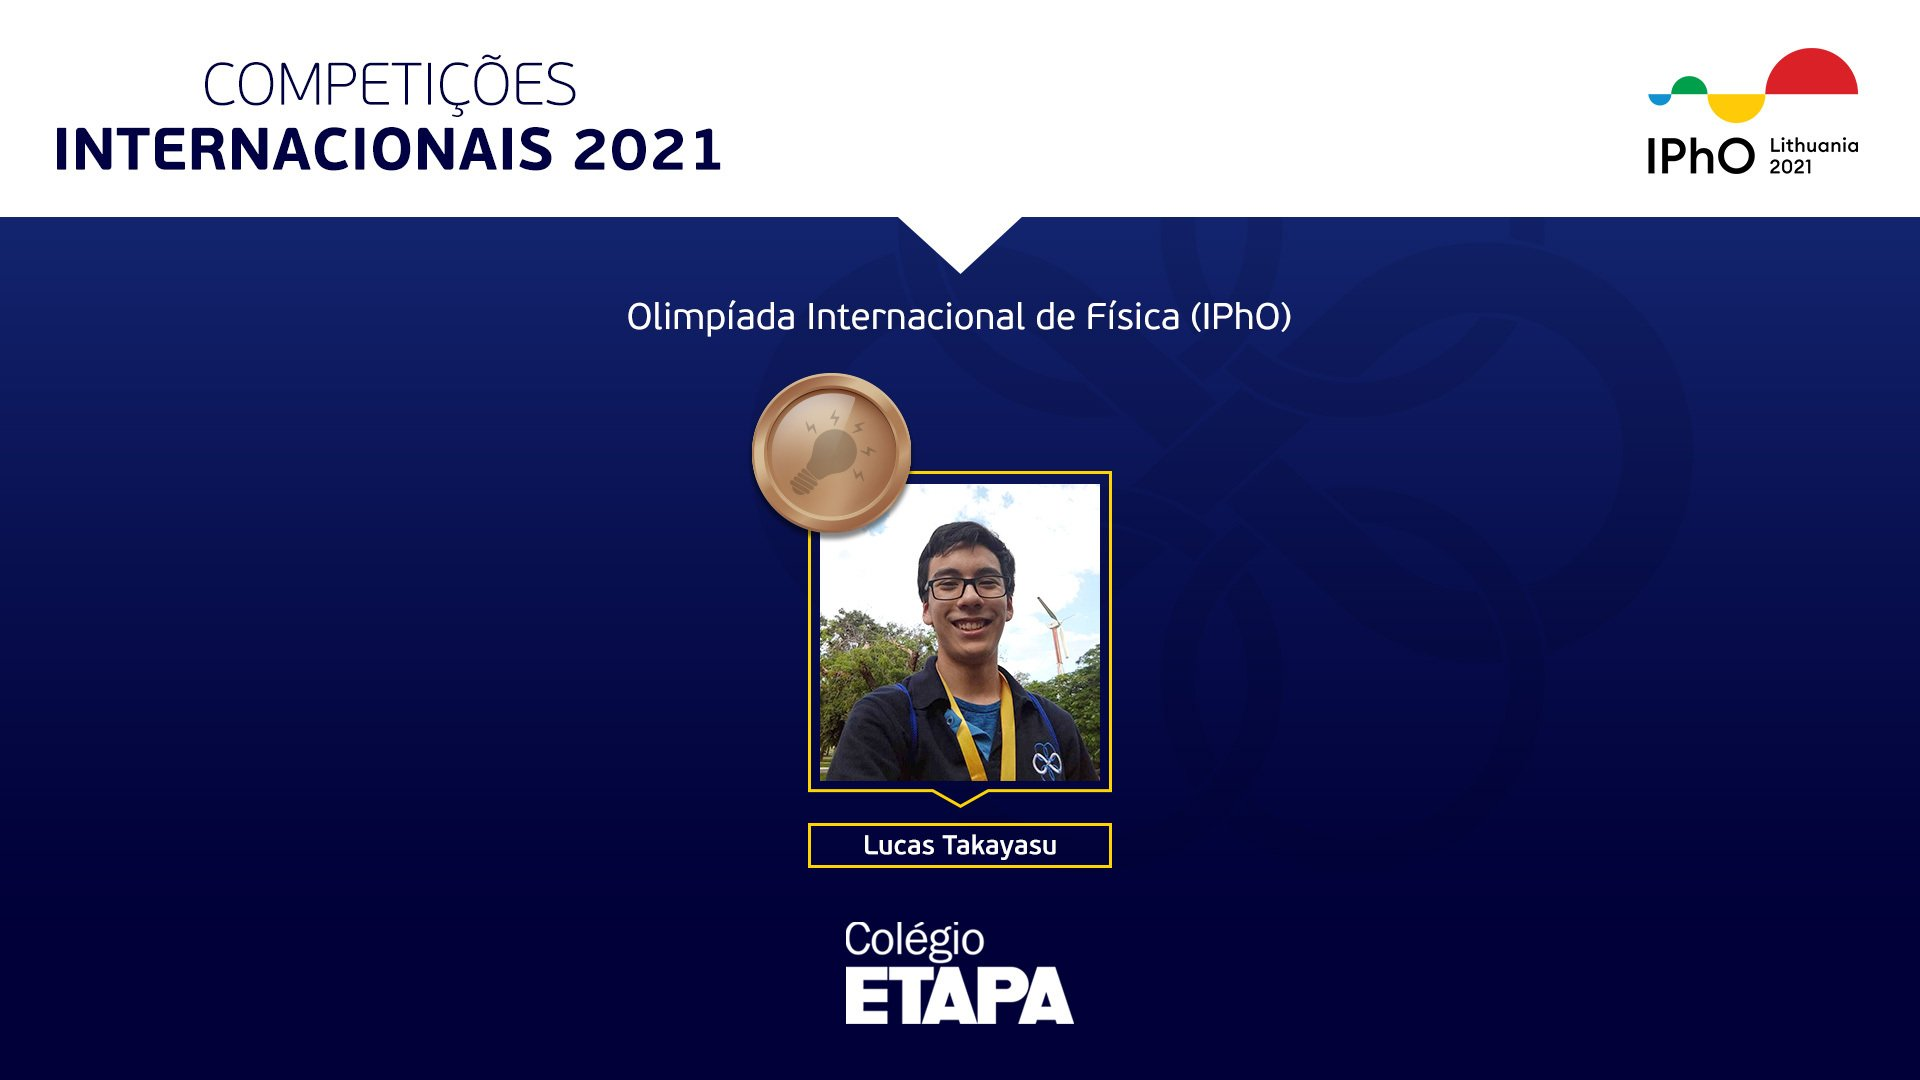 Aluno do Colégio Etapa conquista medalha na IPhO 2021